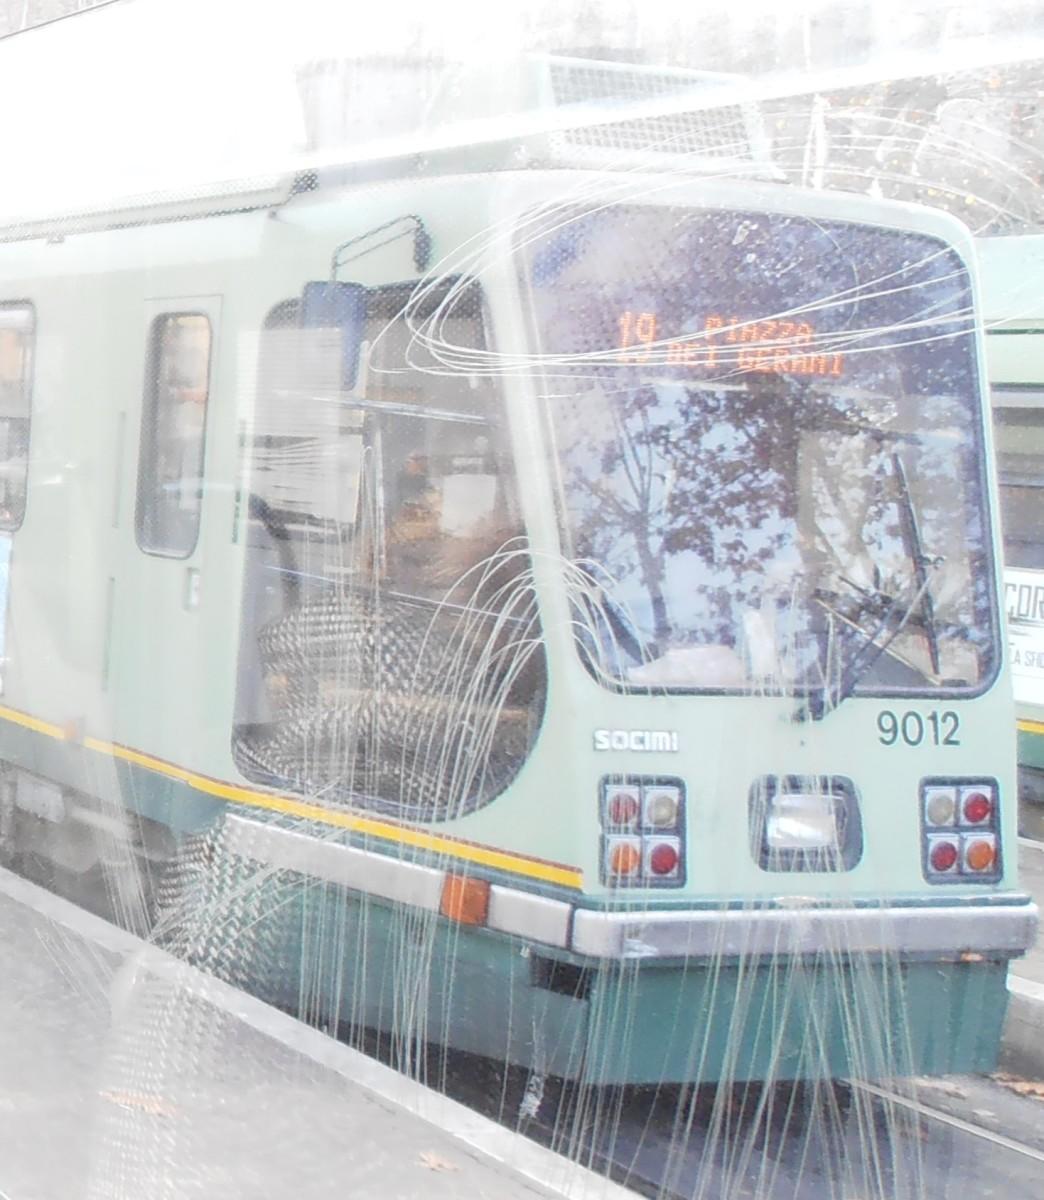 Tram in Rome